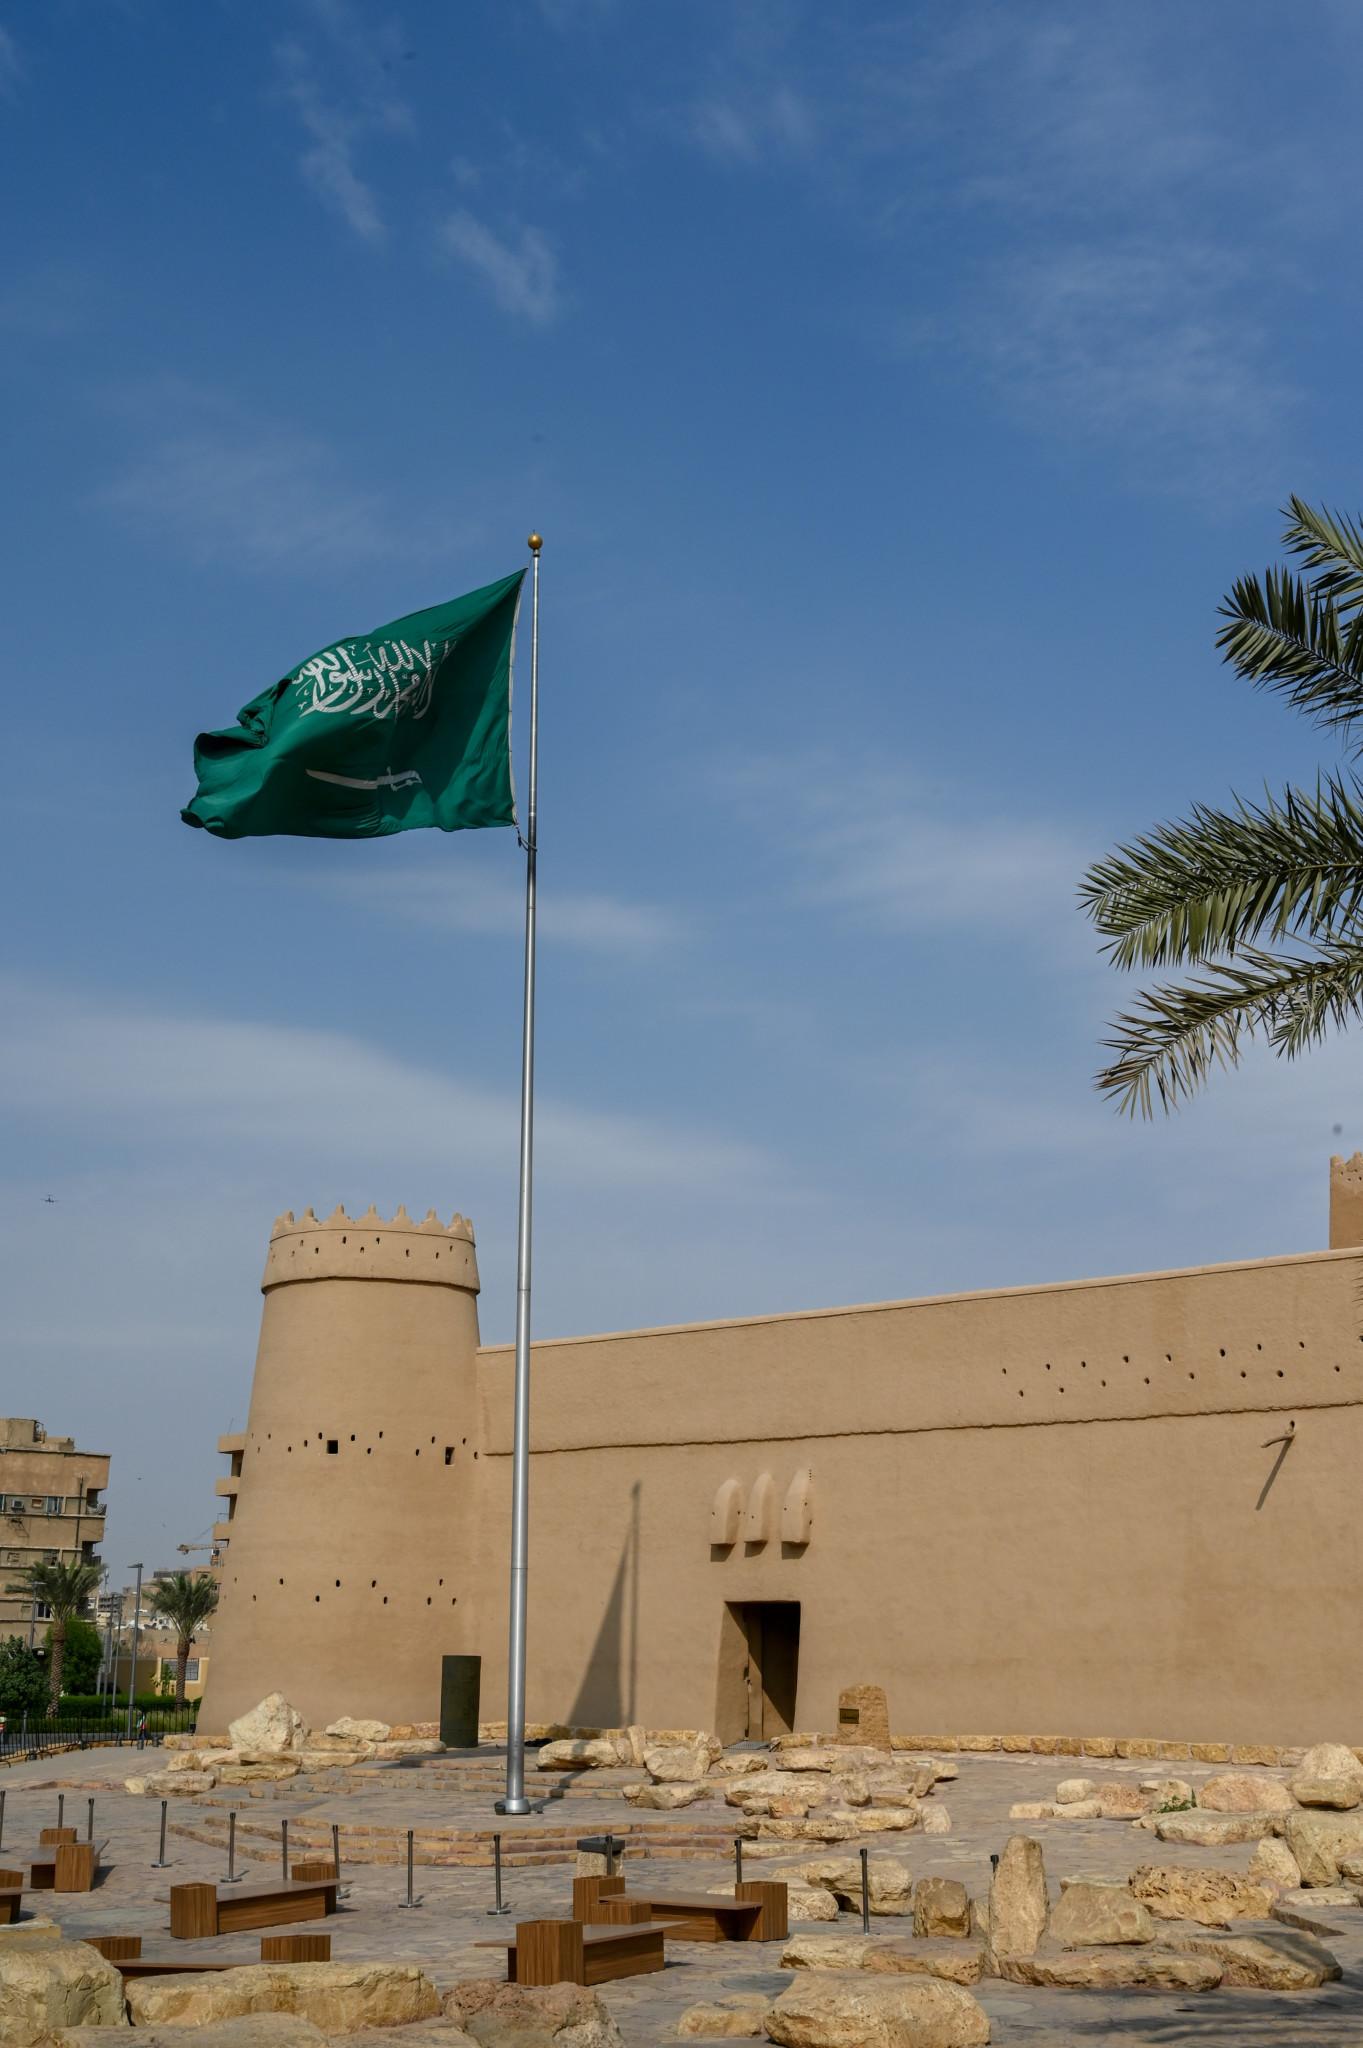 Fort Masmak in Riad gehört zu den wichtigsten Saudi-Arabien Sehenswürdigkeiten